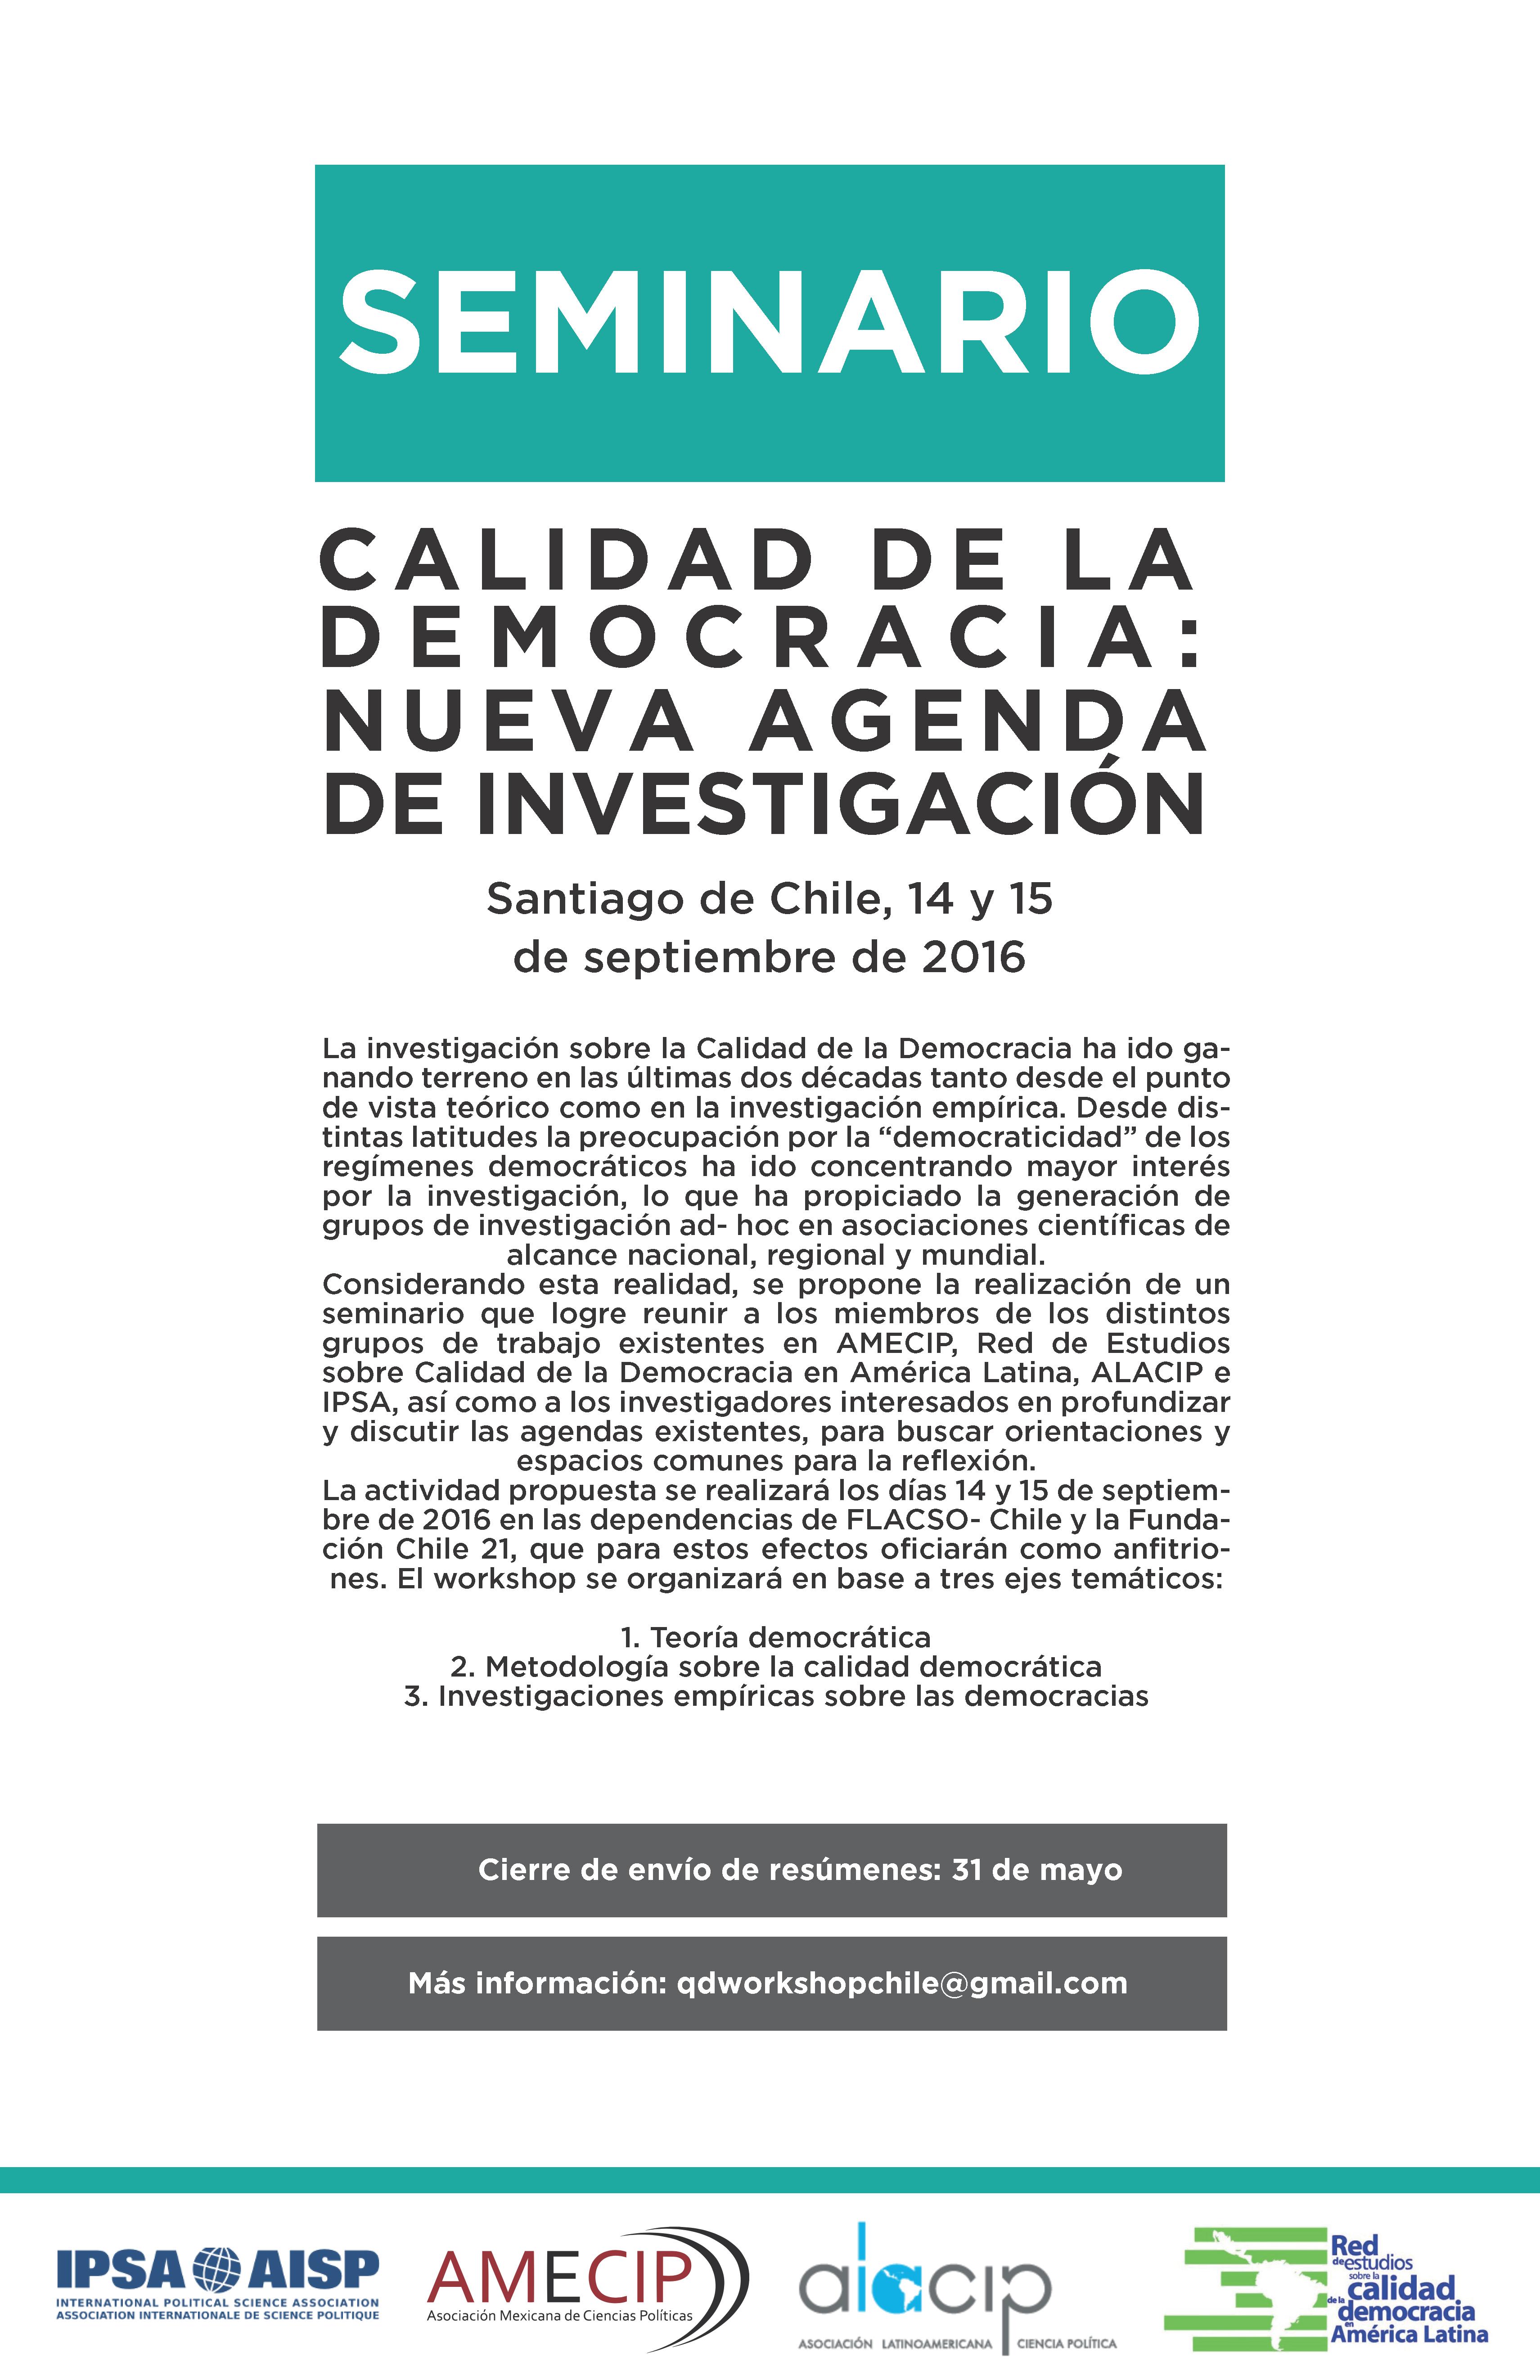 seminario calidad de la democracia chile 2016